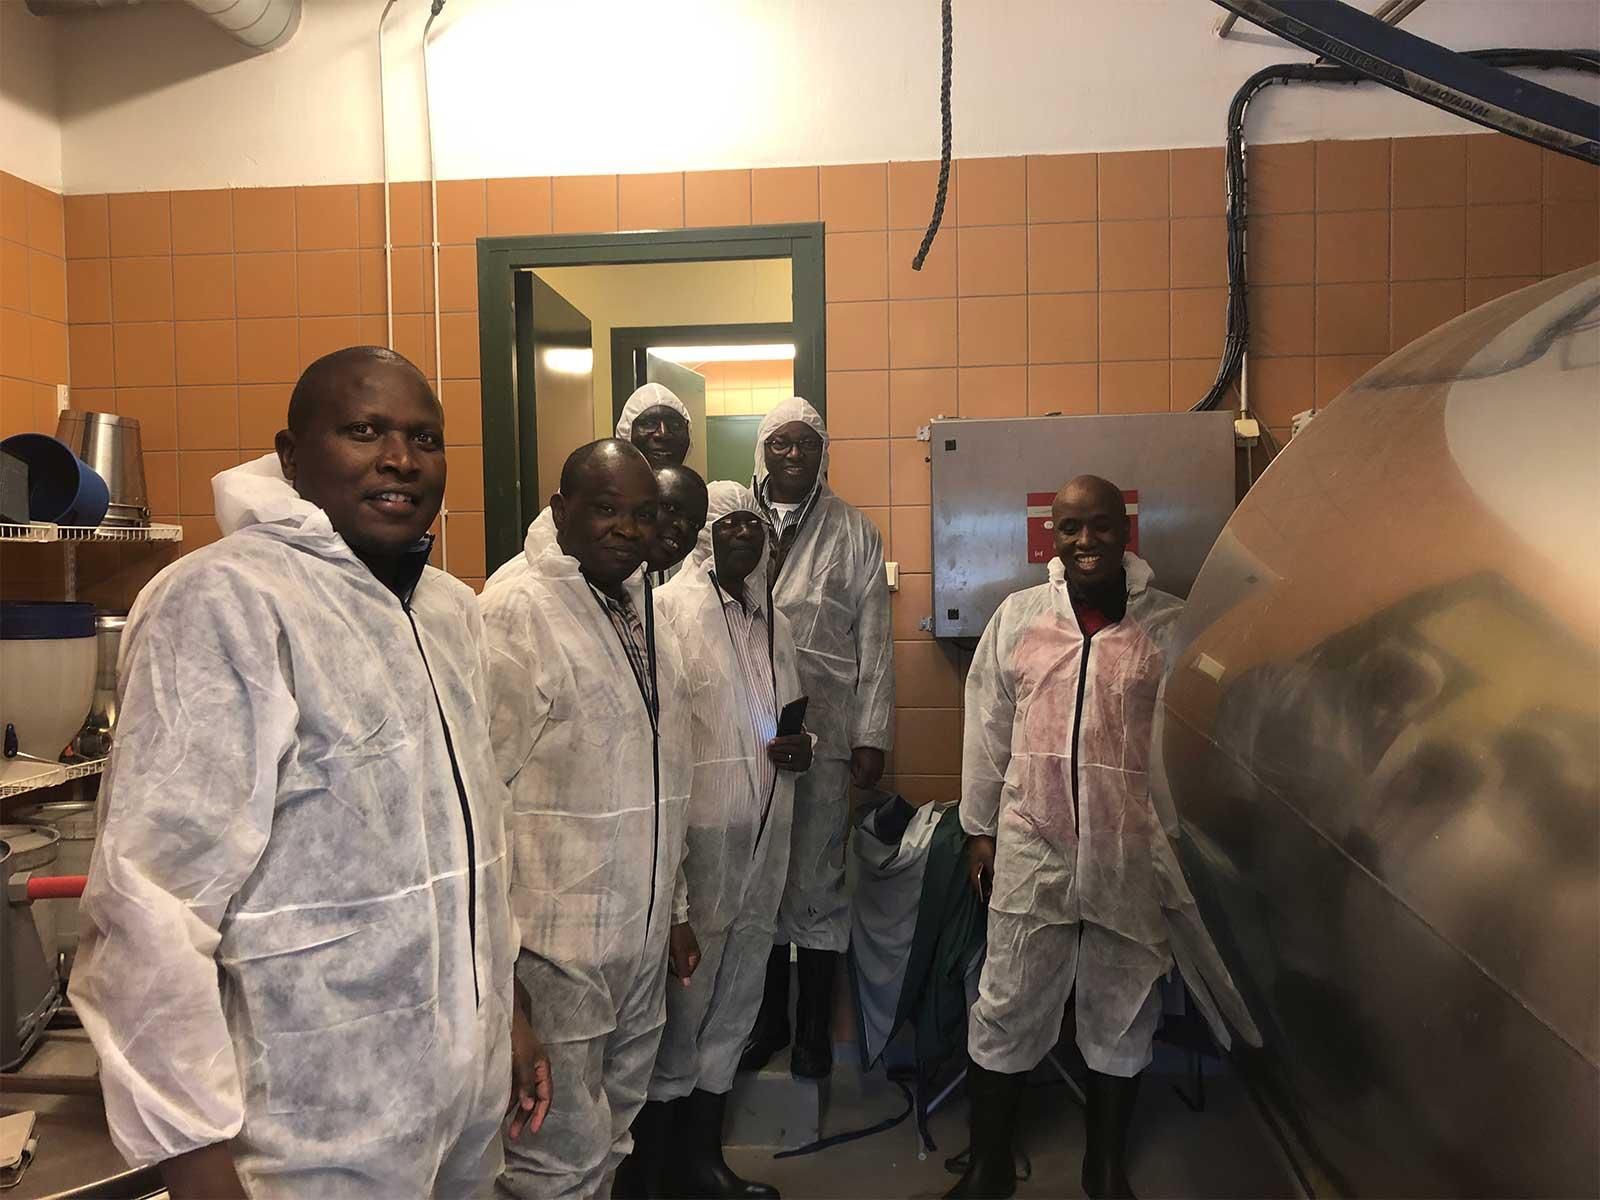 Vapun viettoa haalareissa kenialaisten maidontuottajien kanssa